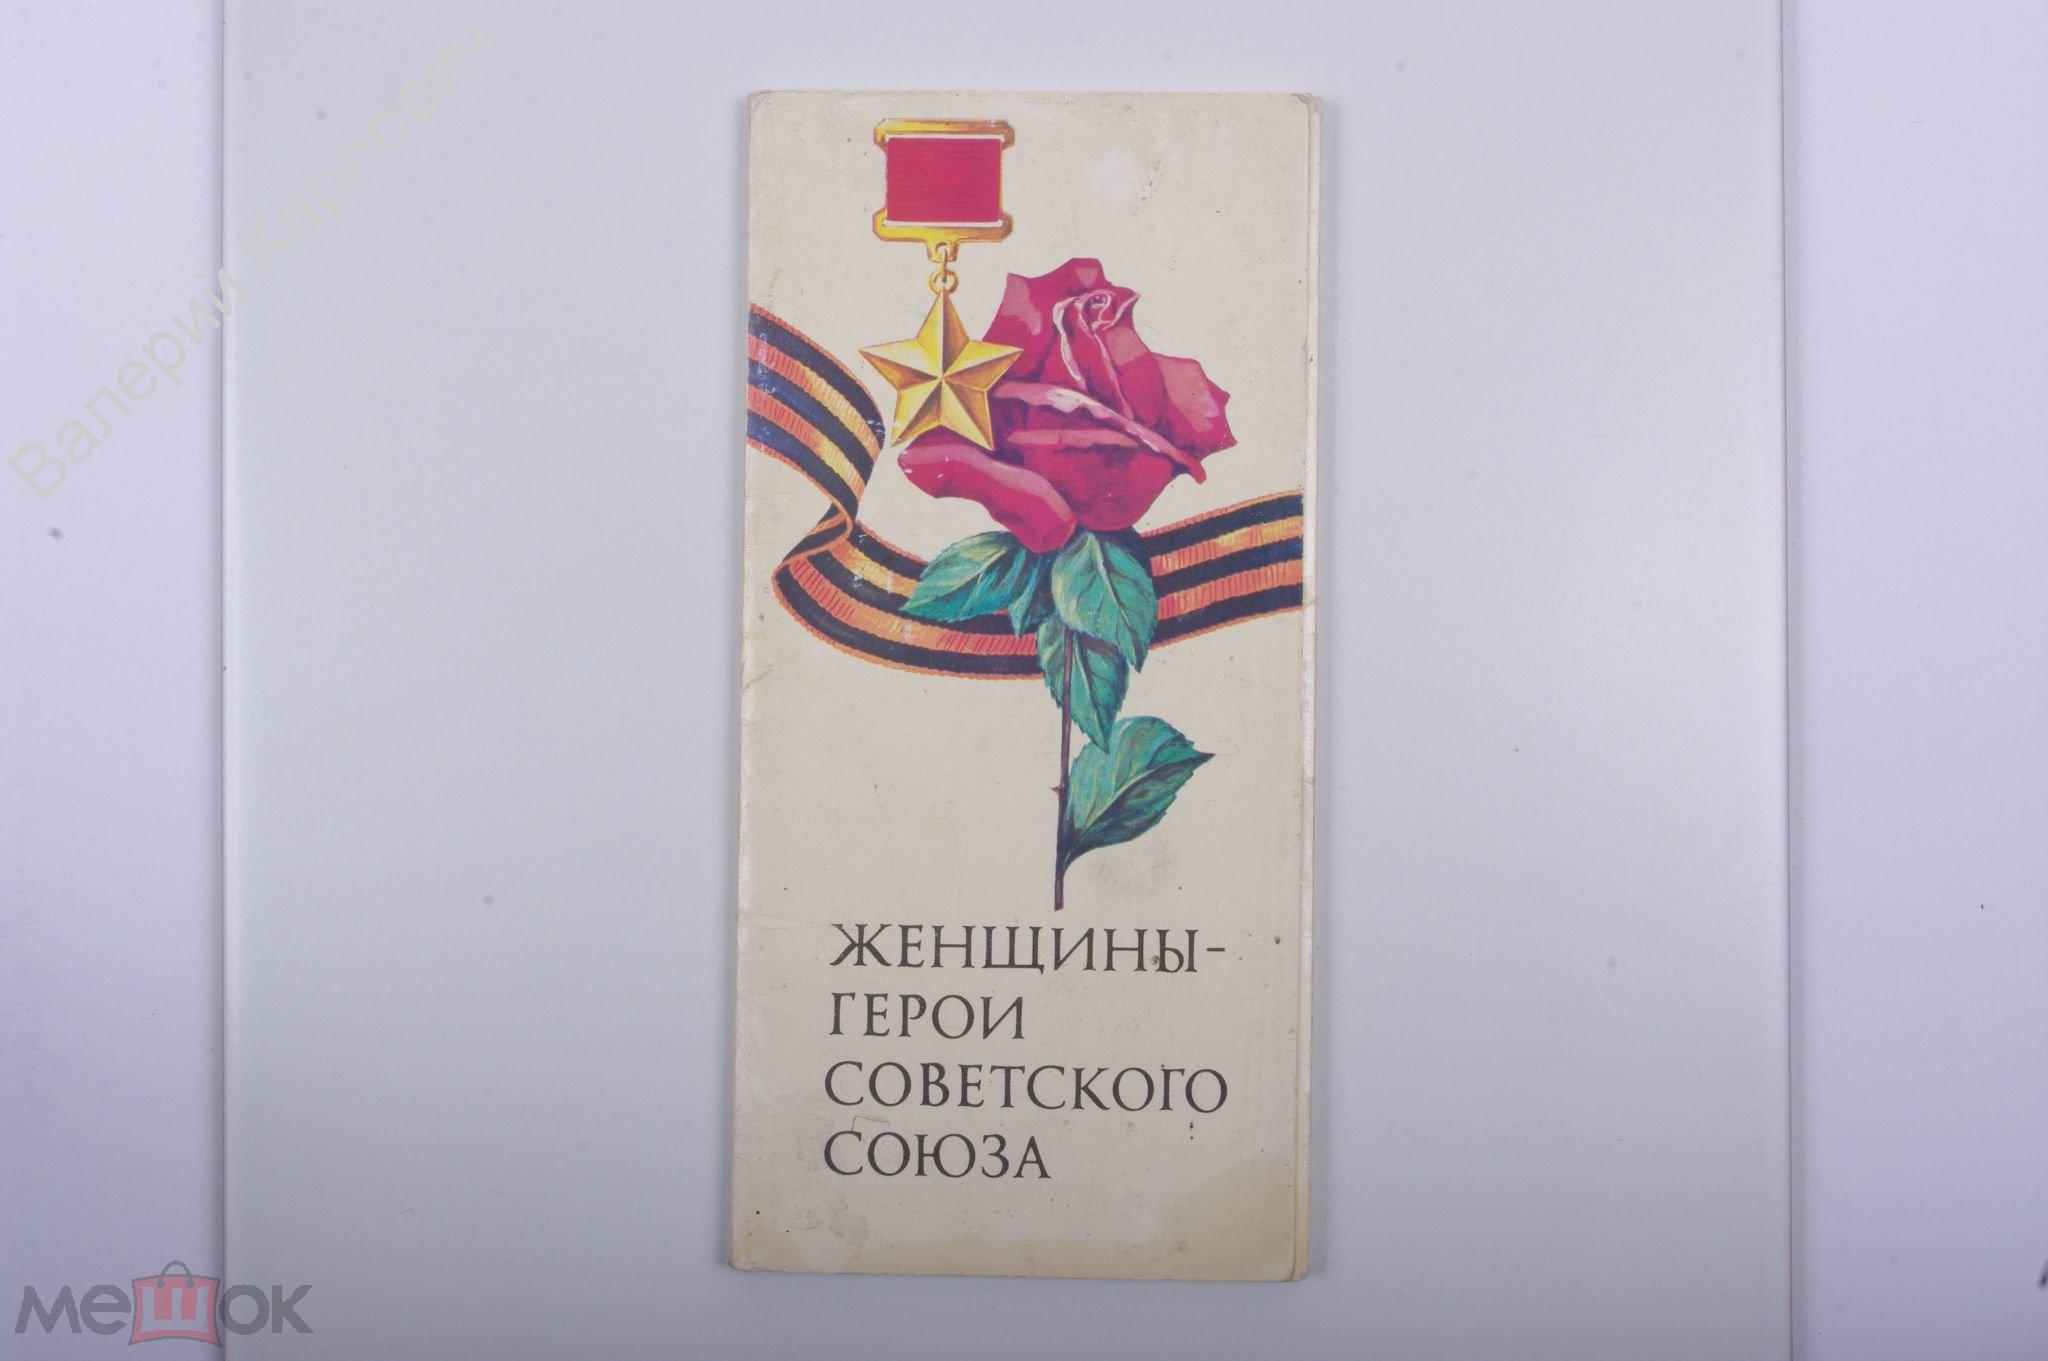 Марта, набор открыток герои советского союза